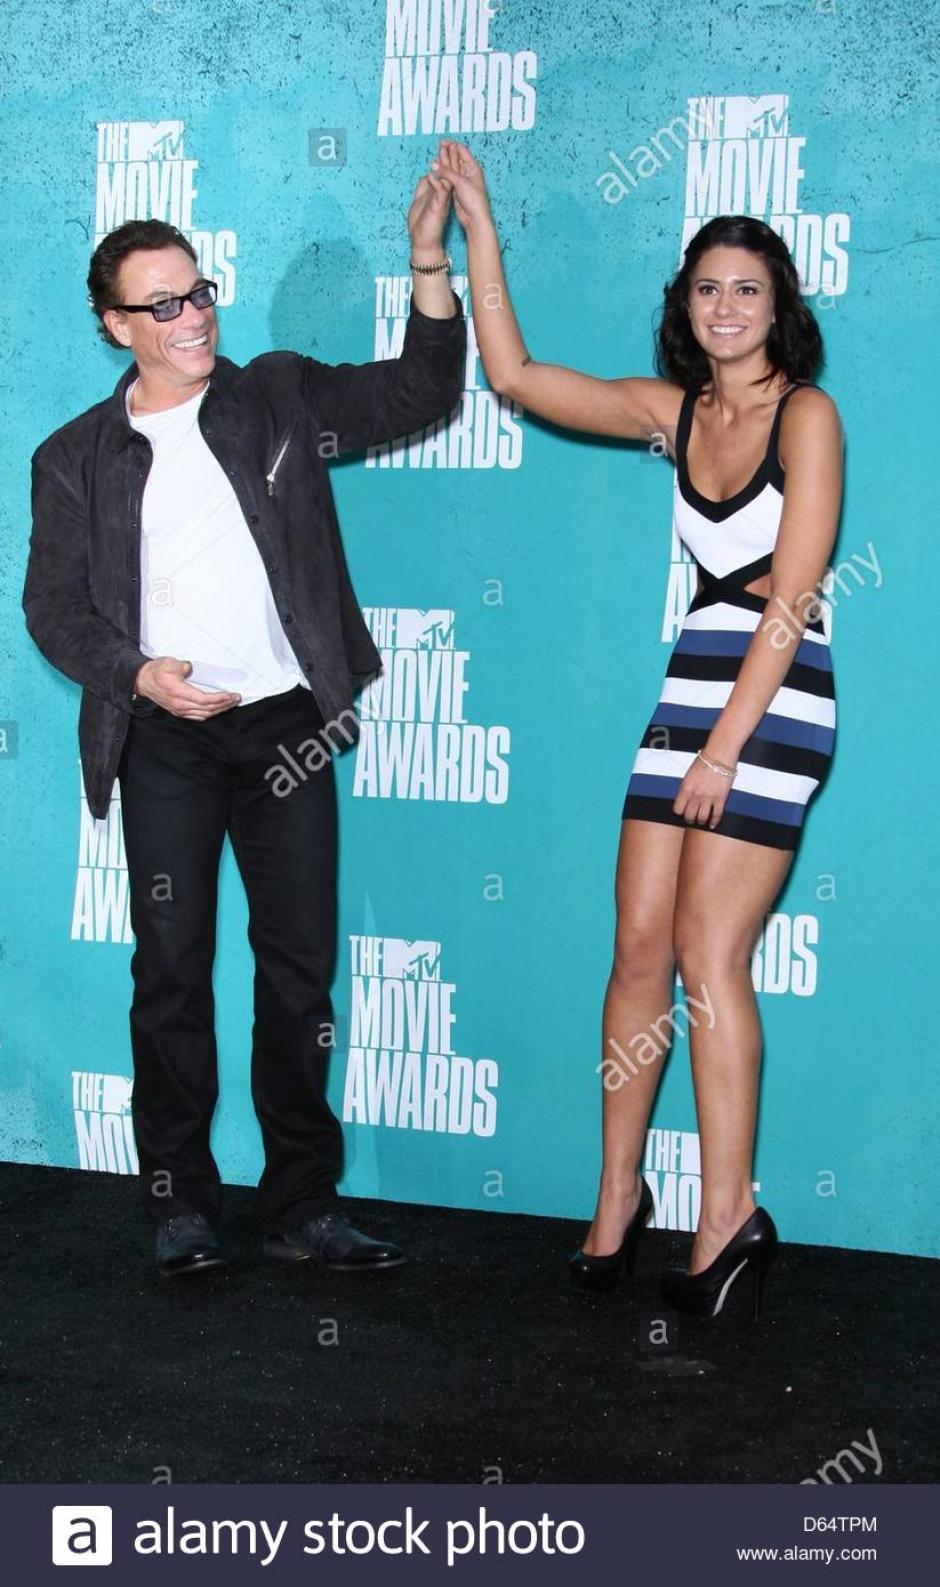 Bianca junto a su padre Jean-Claude Van Damme en un evento.  (Foto: Fotogramas)